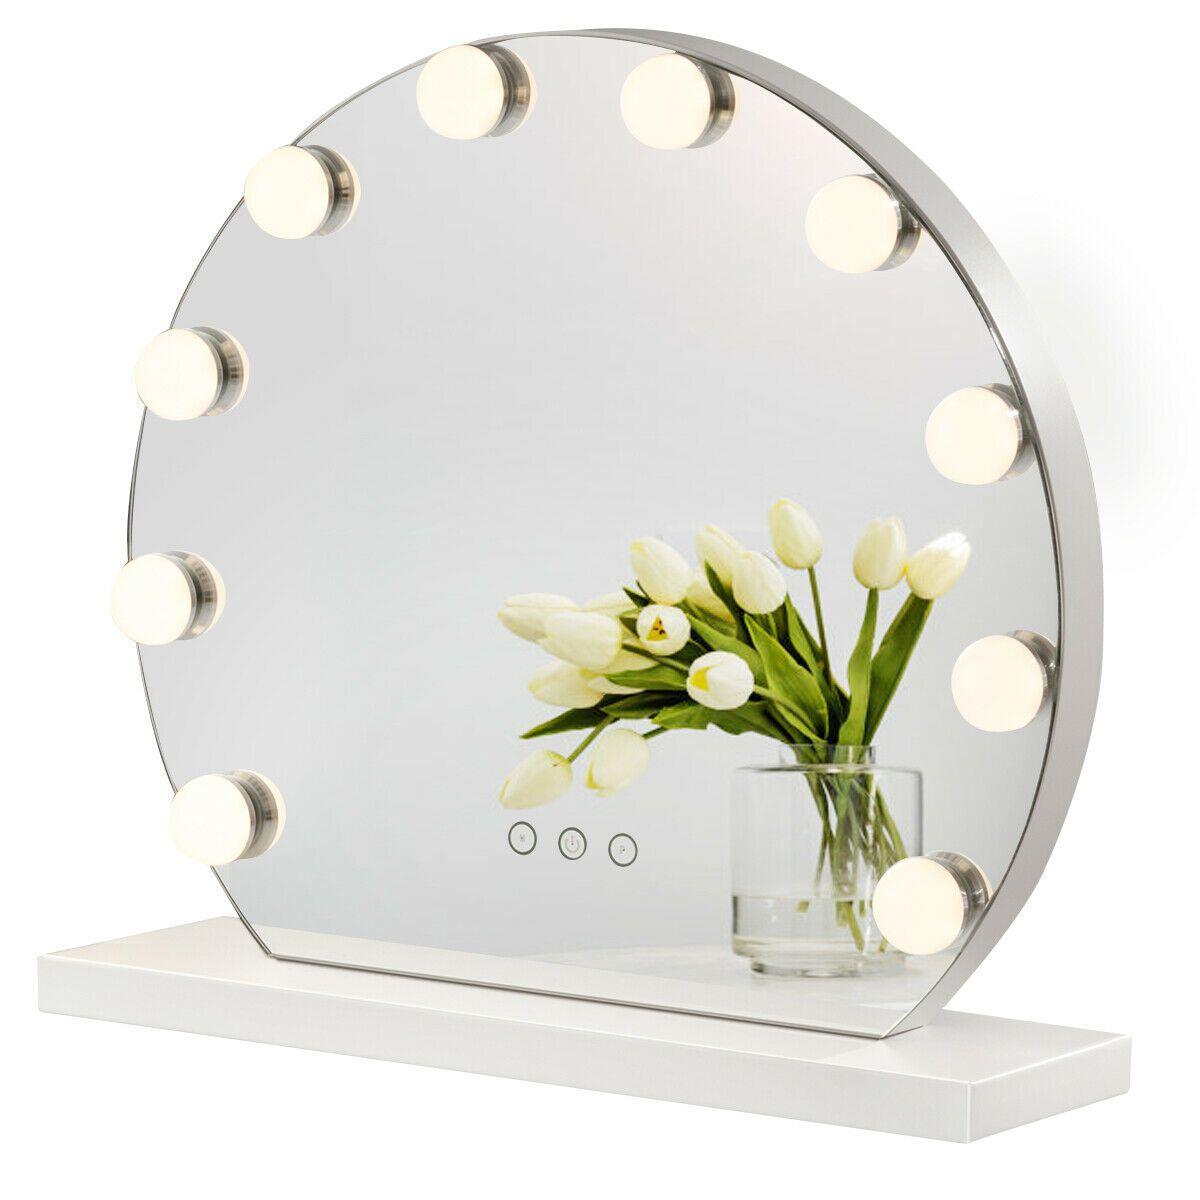 Home Makeup Vanity Mirror With Lights Makeup Vanity Mirror Mirror With Lights